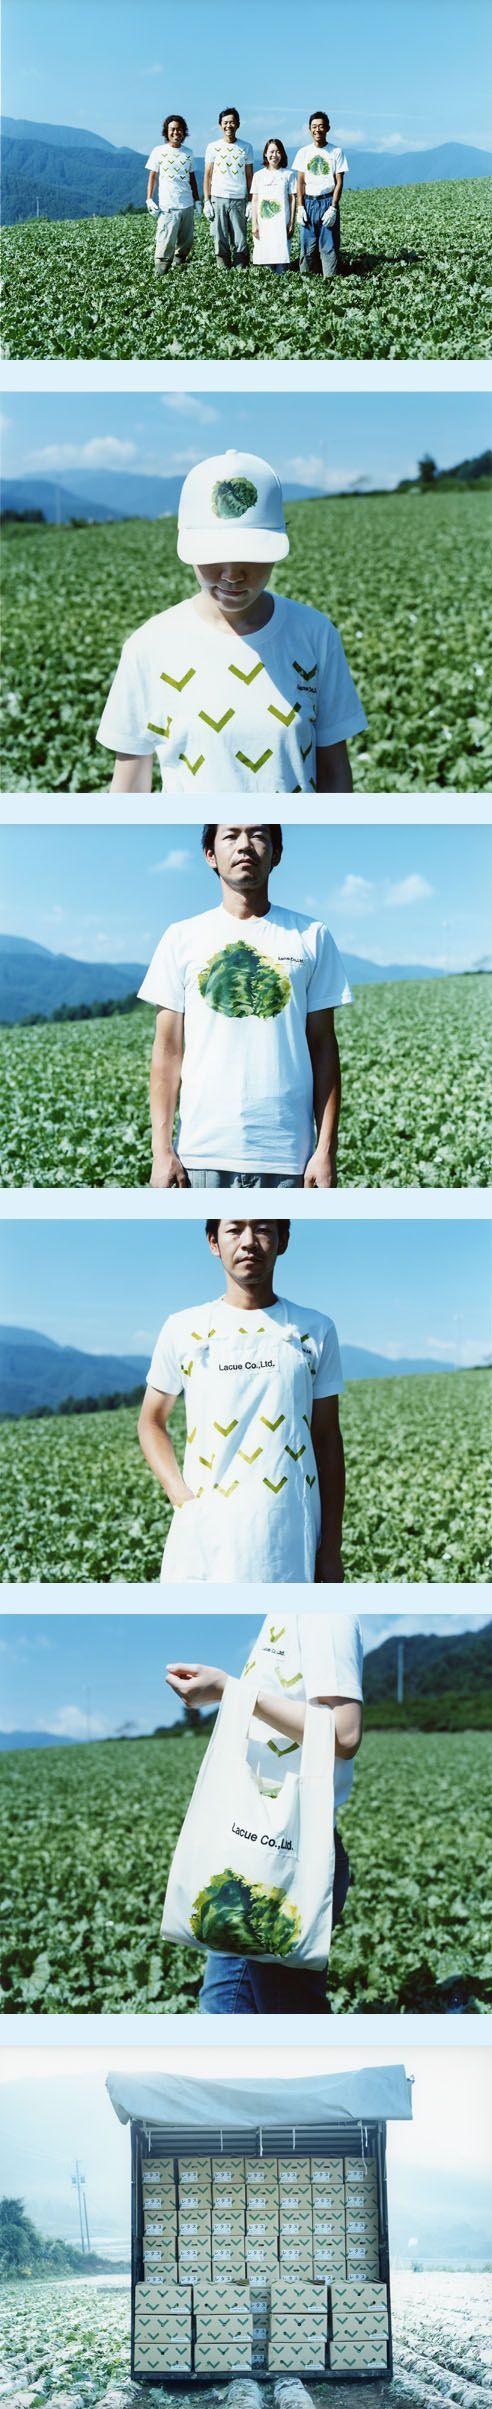 LACUE 2010 長野県上川村のレタス農家「LACUE」のVIを担当。